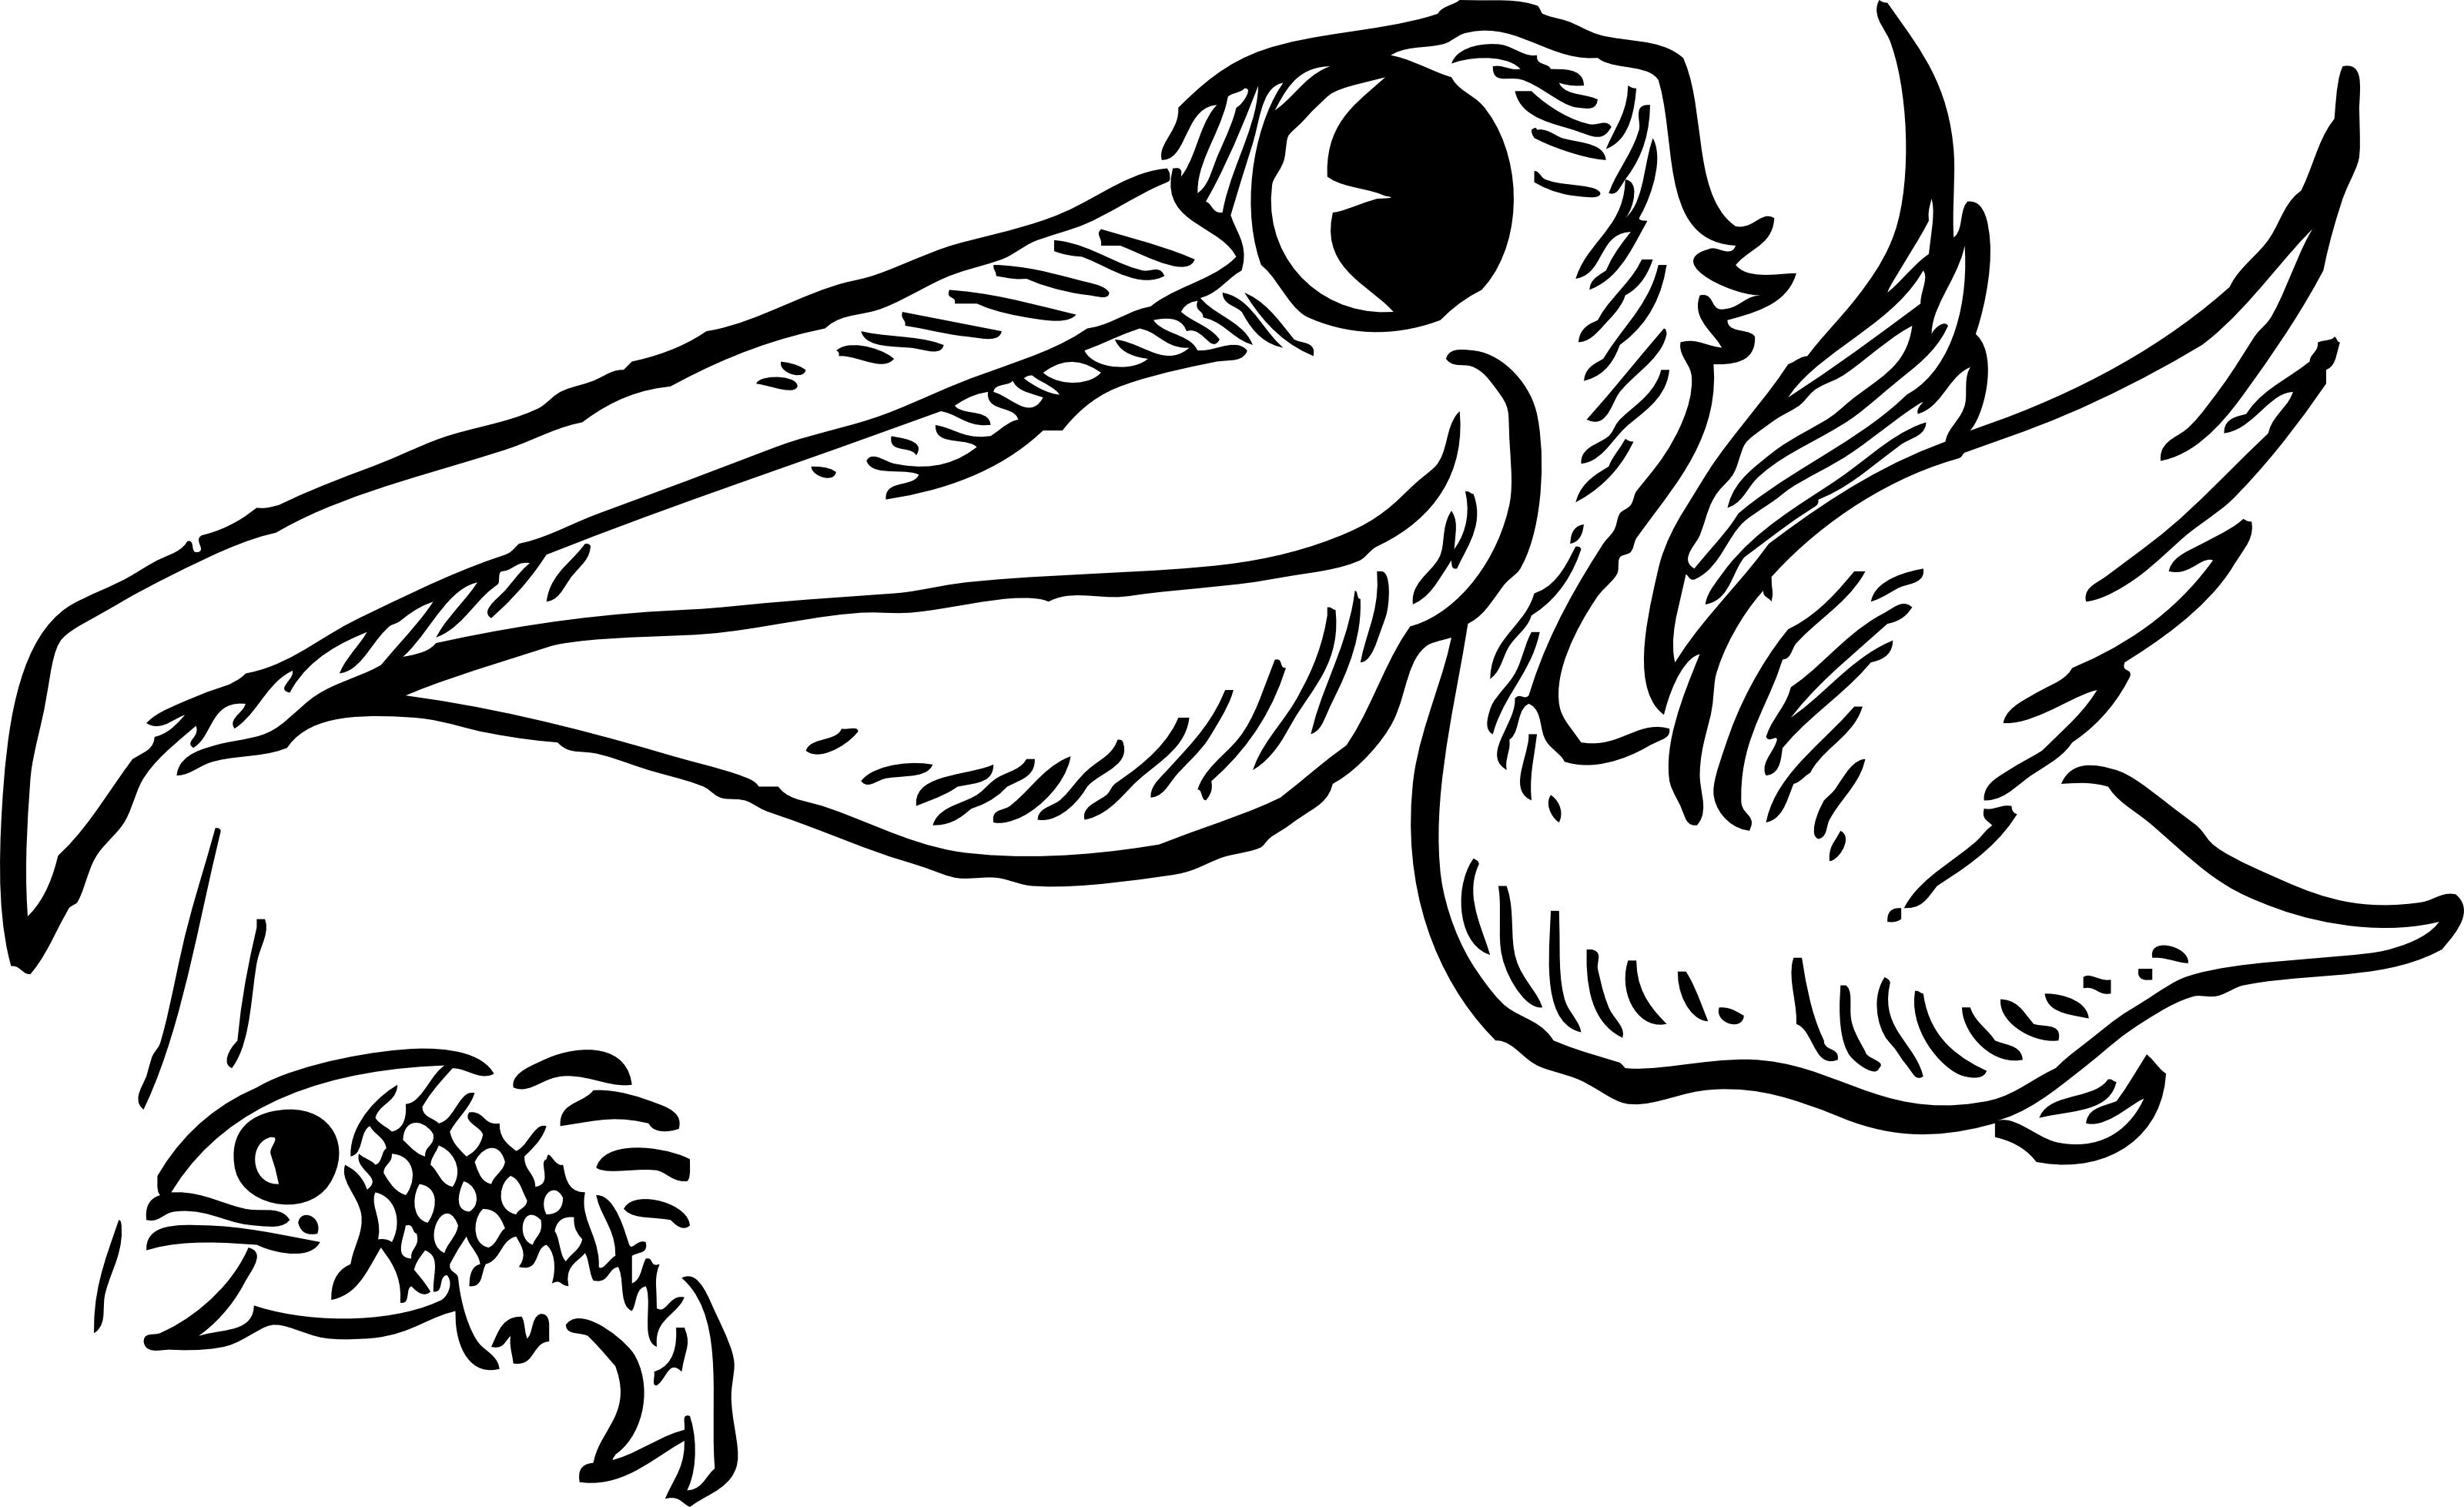 Free Retro Clipart Illustration Of A White Pelican